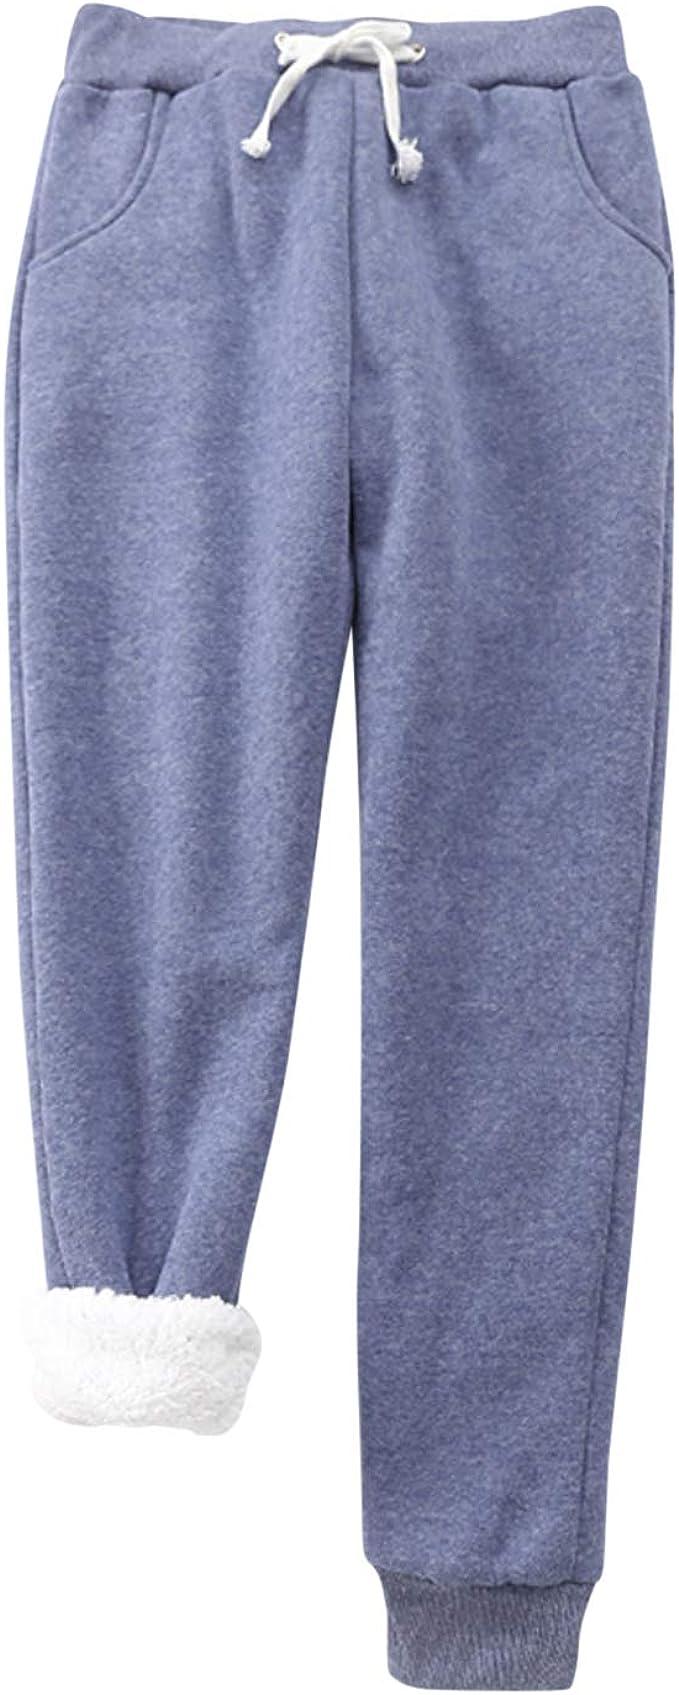 Pantalones de chándal con Forro Polar para Mujer, sólidos, Suaves ...